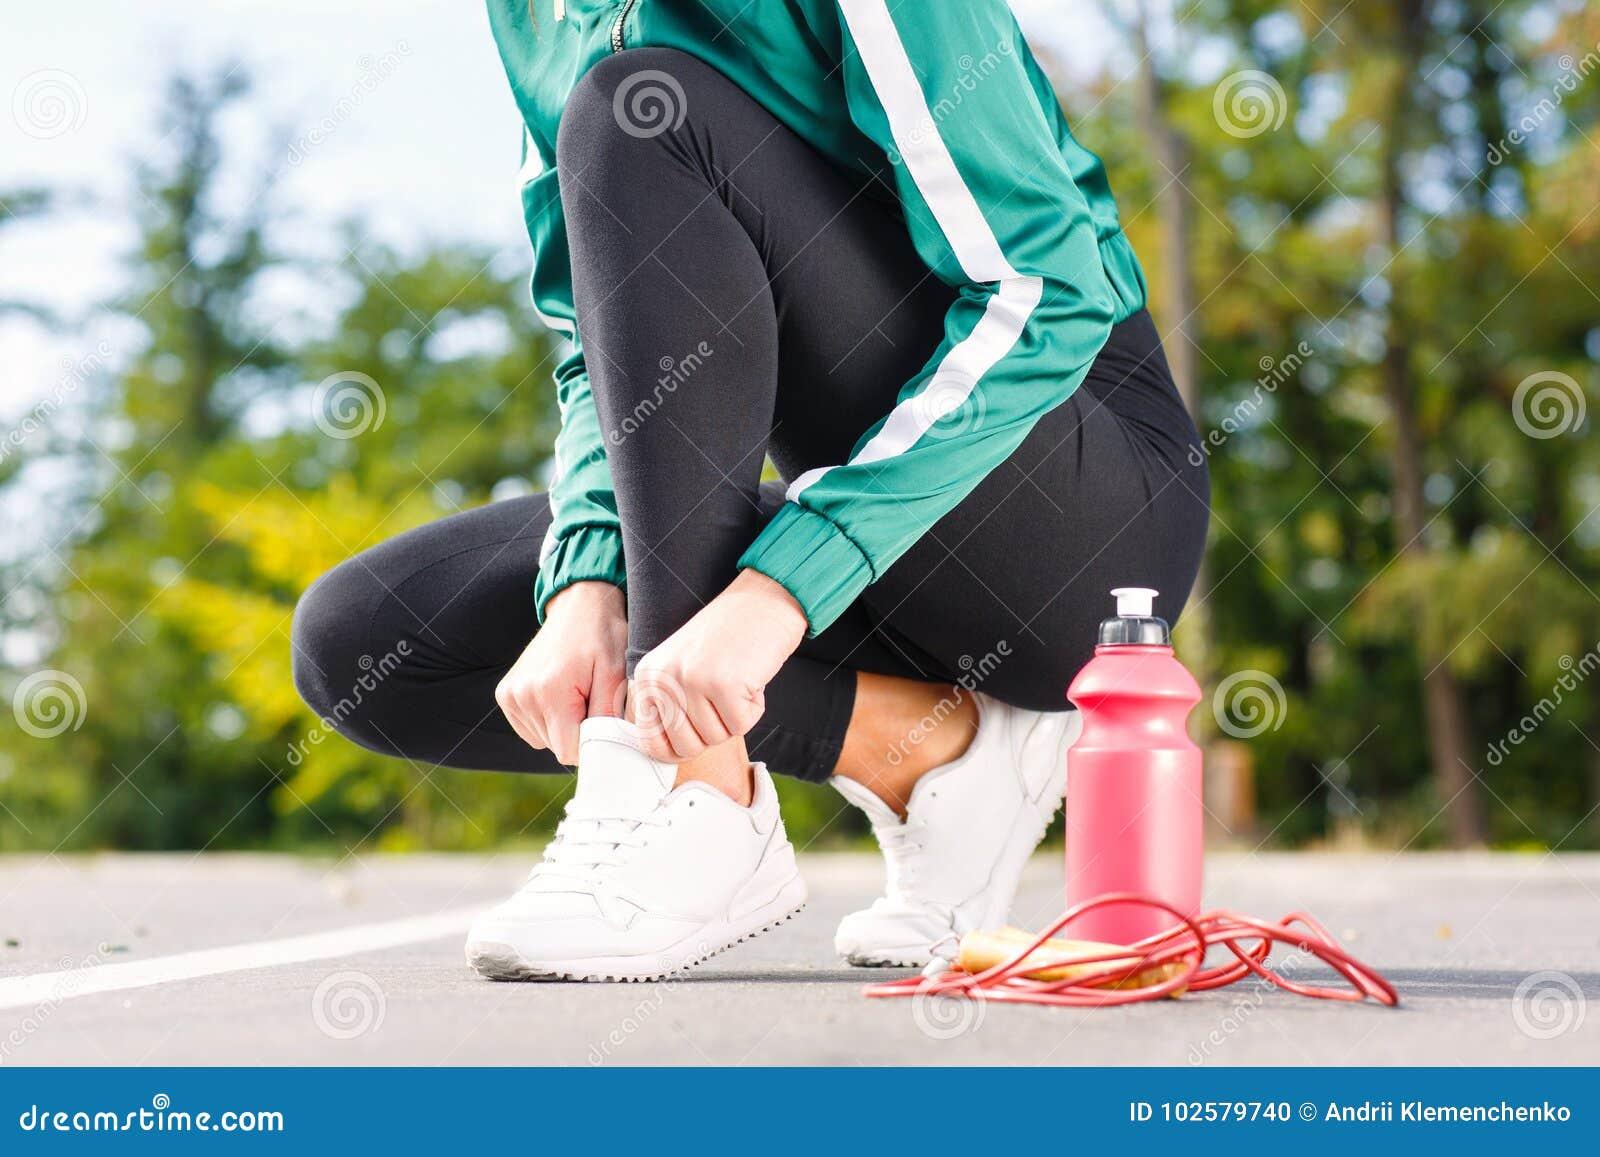 Μια νέα φίλαθλη γυναίκα εμπλέκει τα κορδόνια στα πάνινα παπούτσια Ένα κορίτσι με το τέλειο σώμα που κάνει τις ασκήσεις